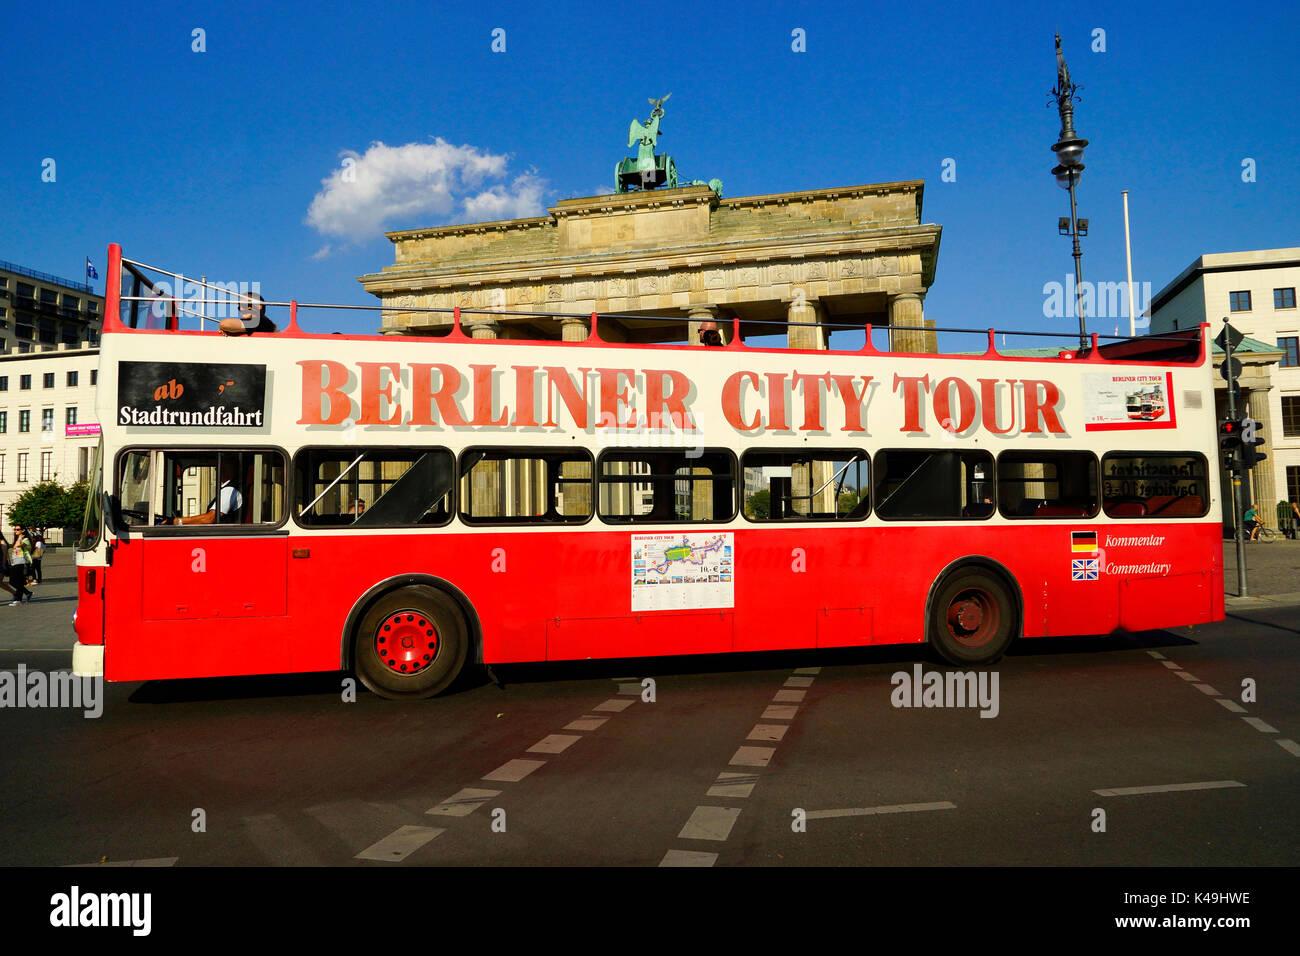 Citytour In Berlin - Stock Image